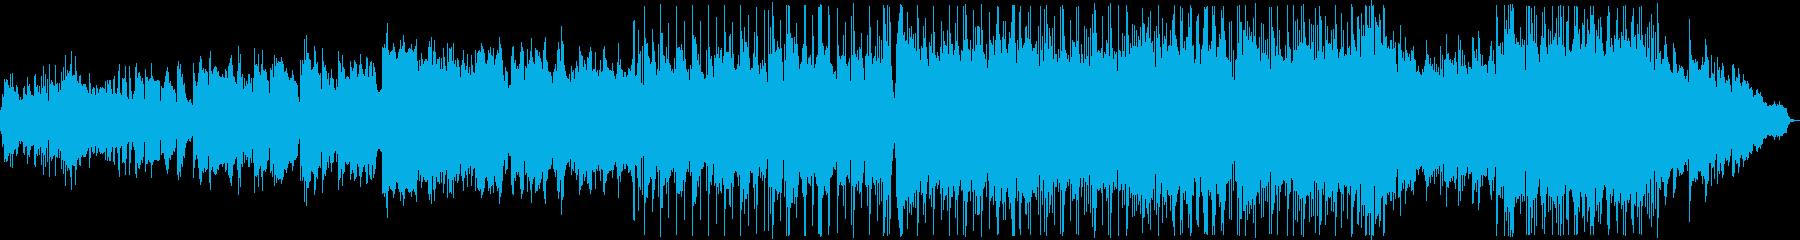 優しい雰囲気のバラード5の再生済みの波形